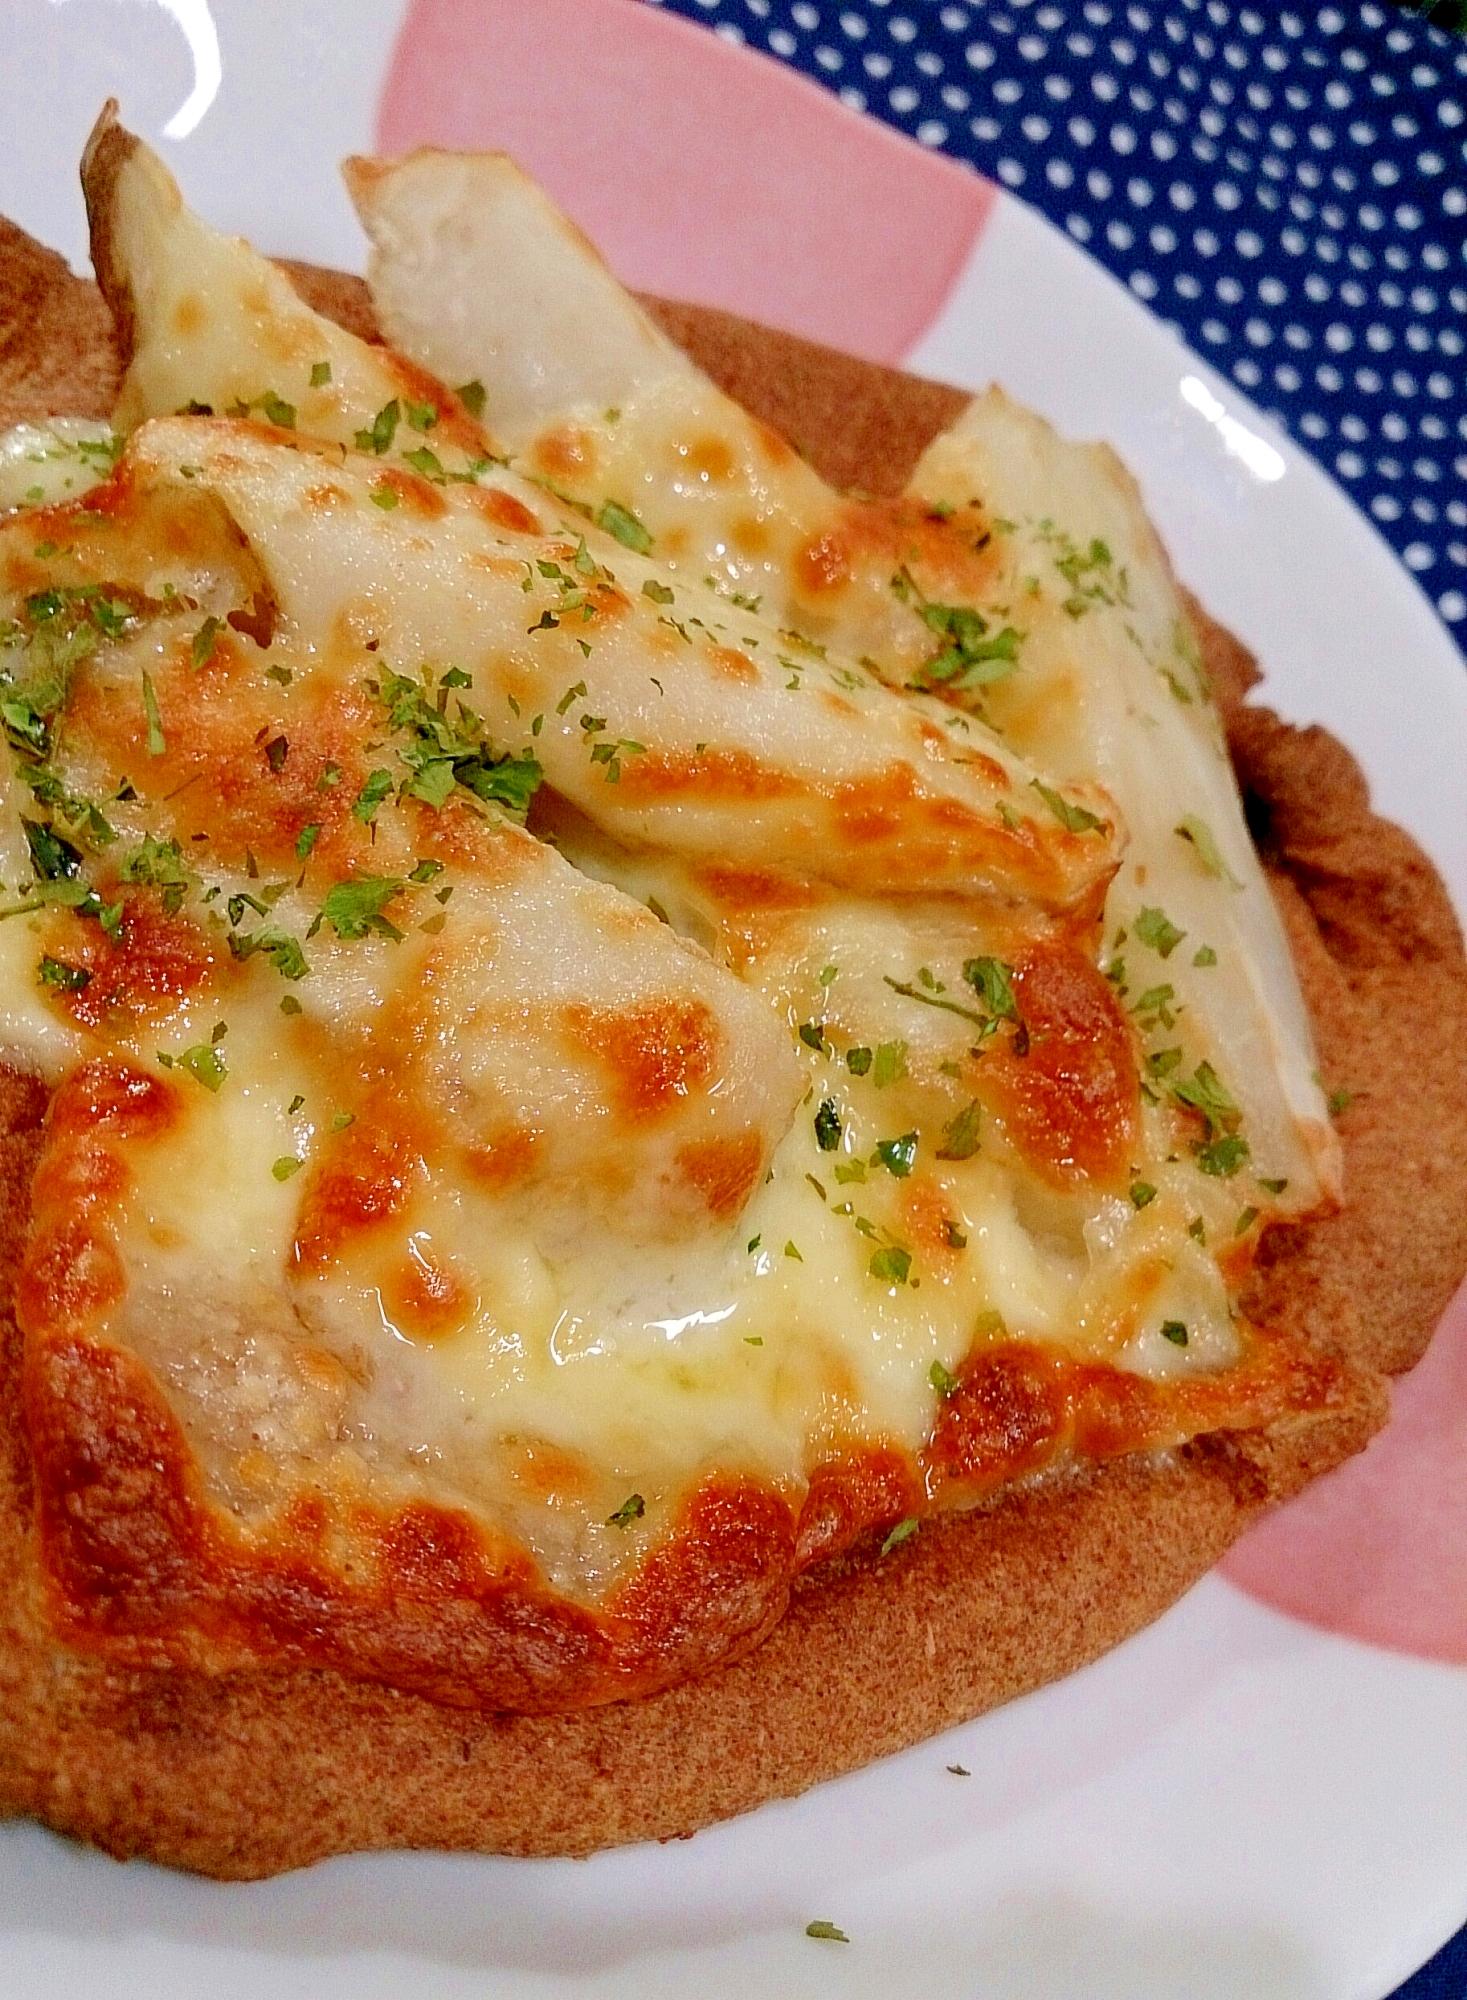 【糖質制限】発酵要らずでカリカリ♪菊芋×チーズピザ